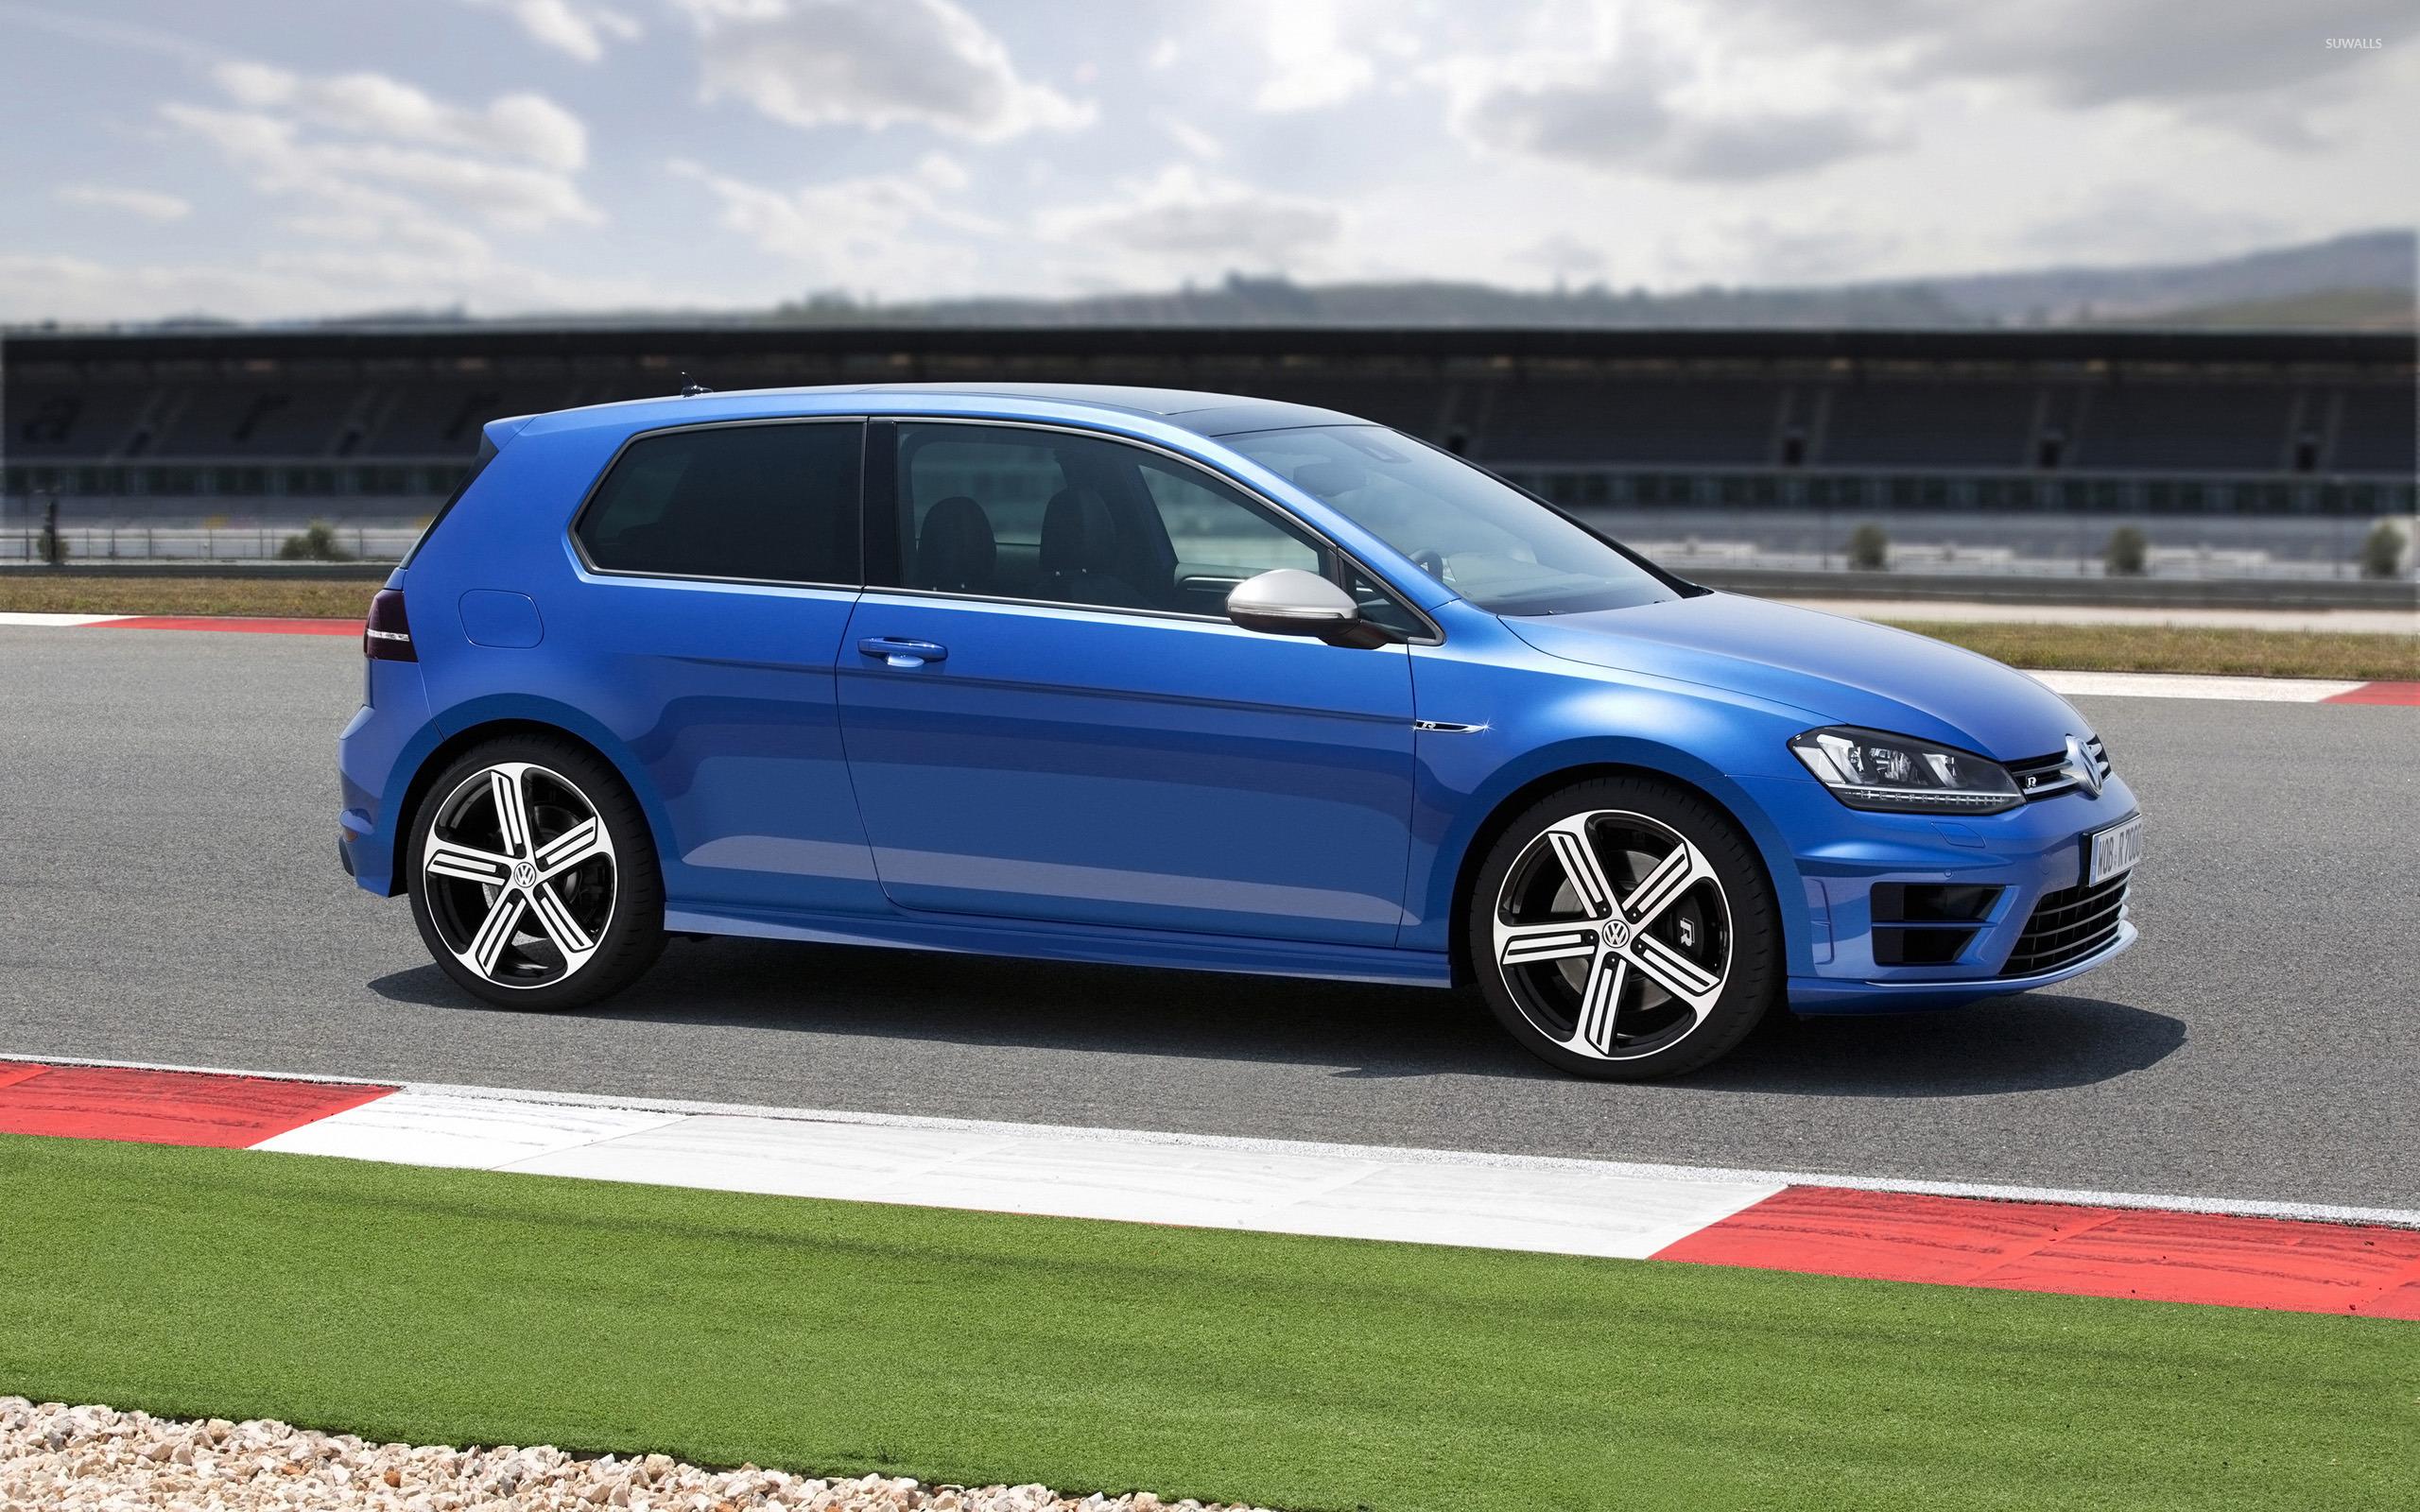 2014 Volkswagen Golf R wallpaper   Car wallpapers   24646 2560x1600